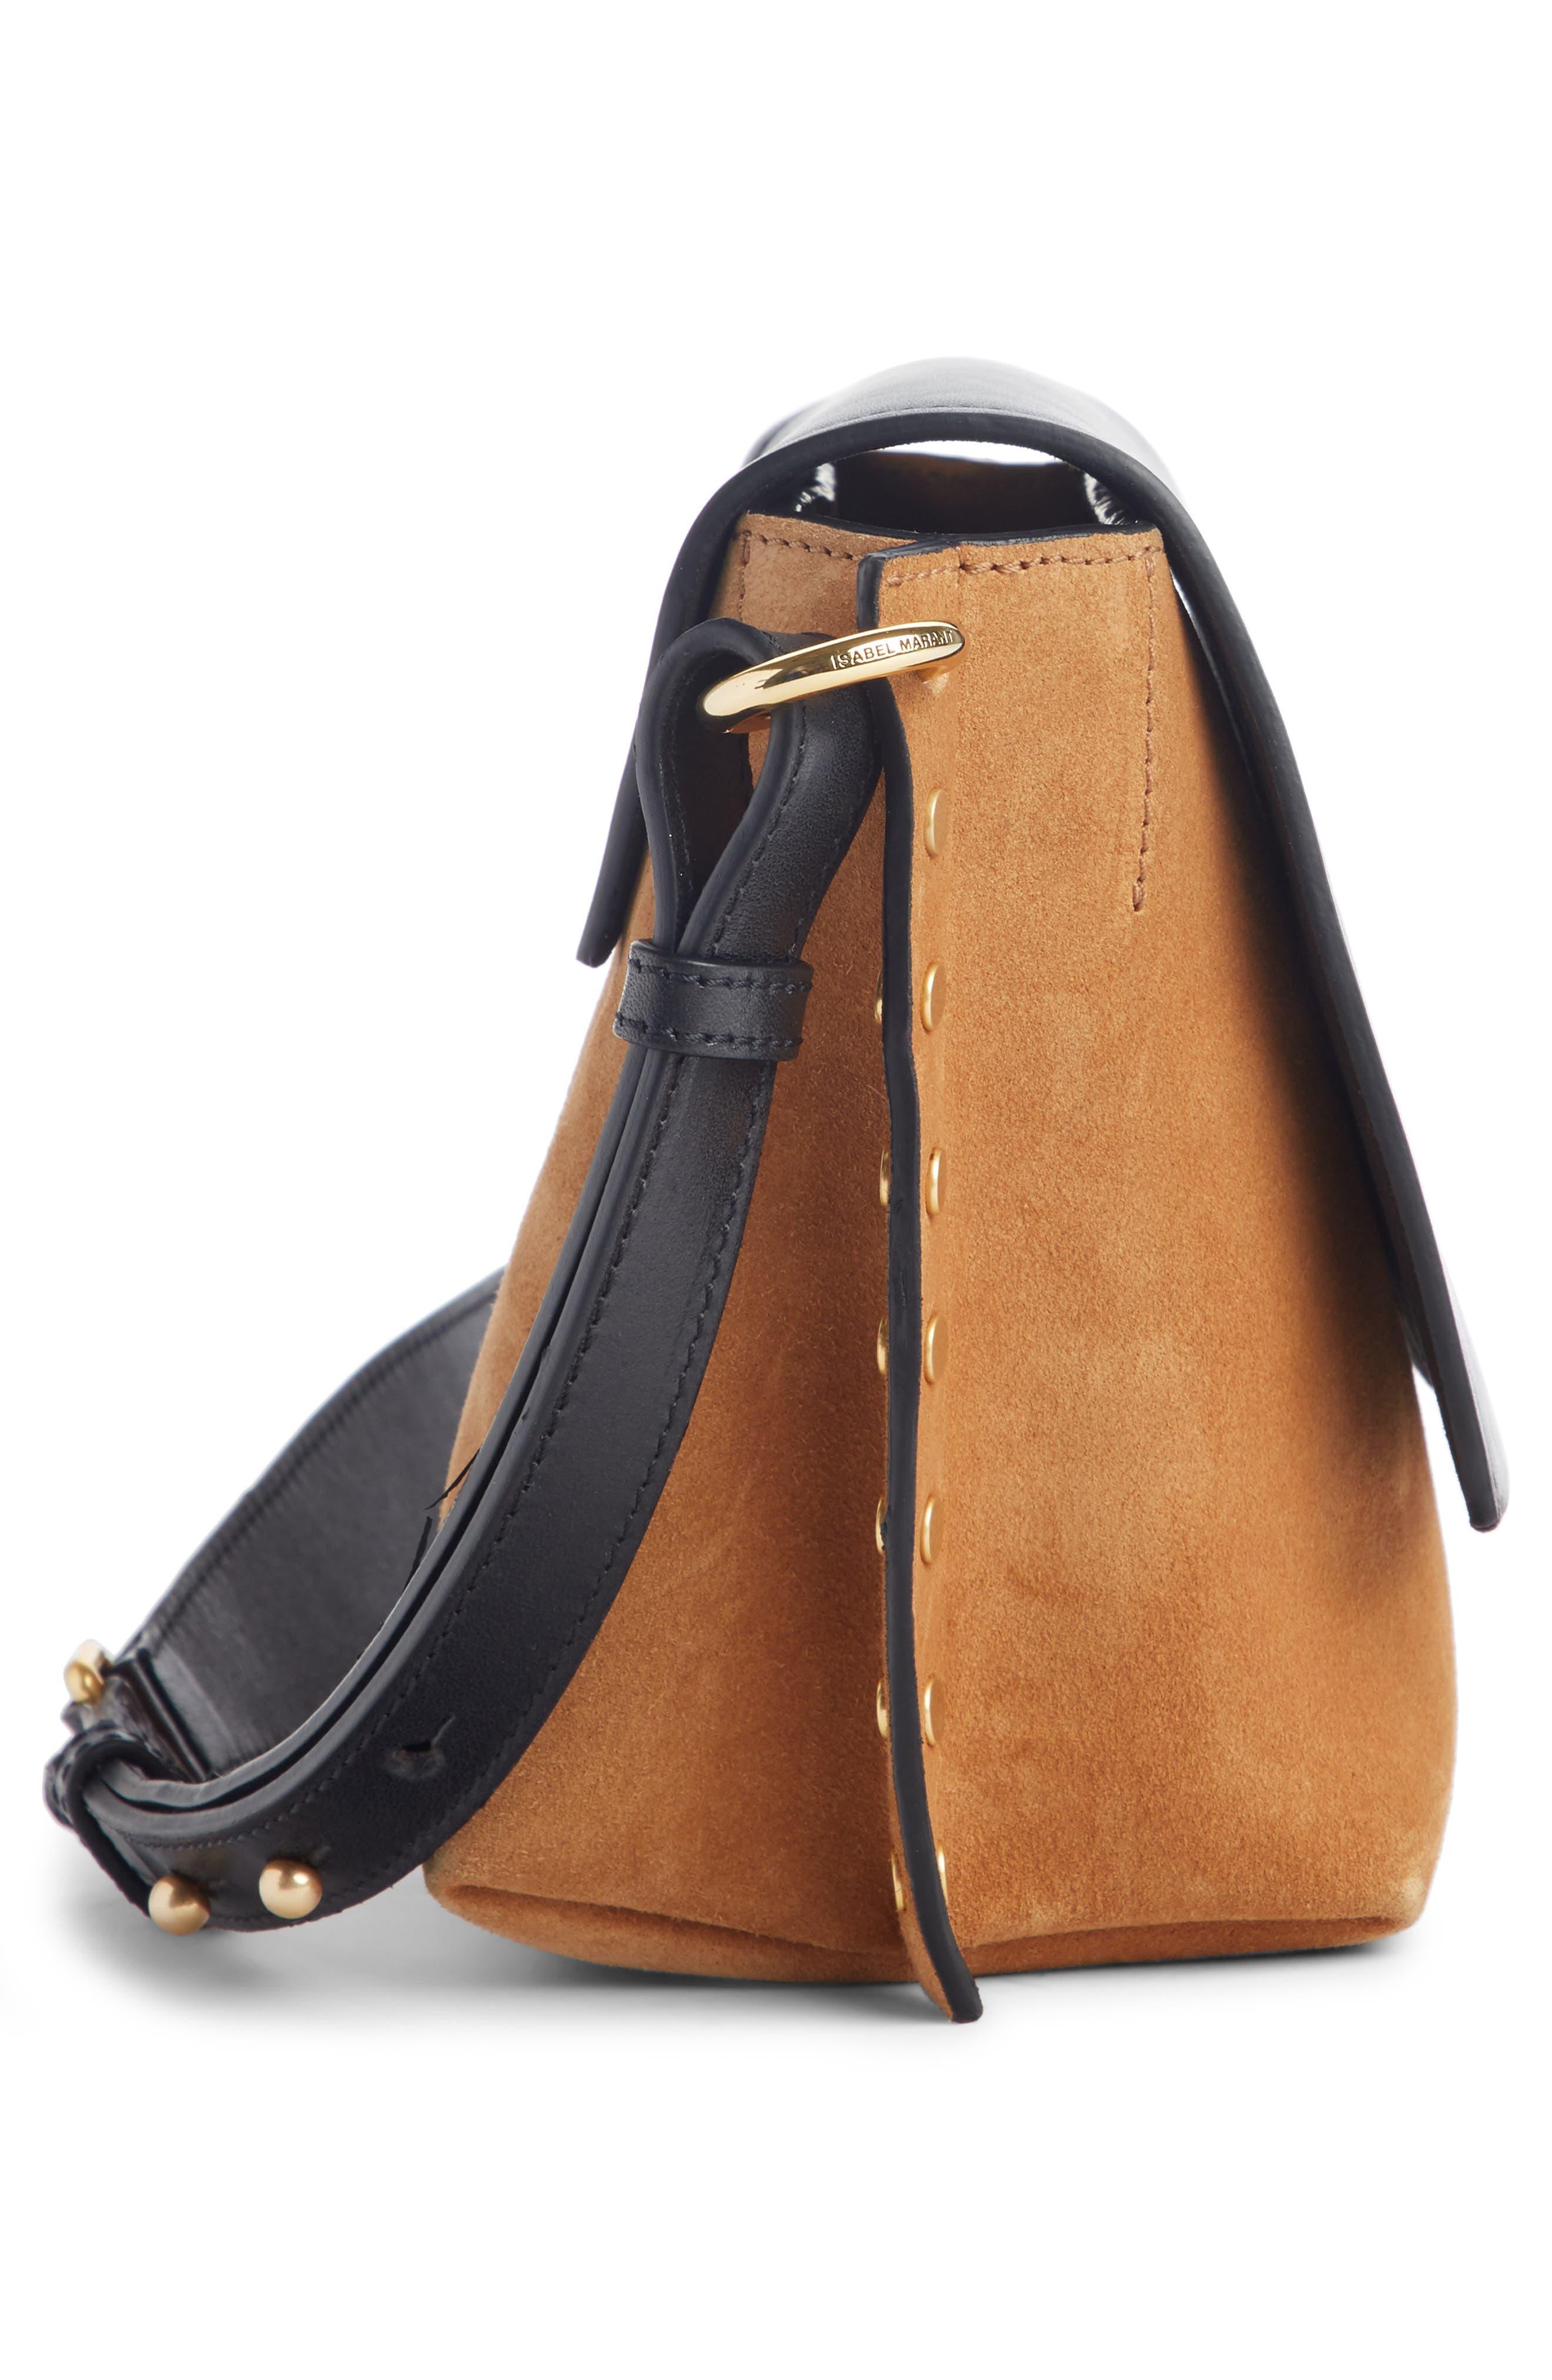 Kleny Colorblock Leather & Suede Shoulder Bag,                             Alternate thumbnail 3, color,                             CAMEL